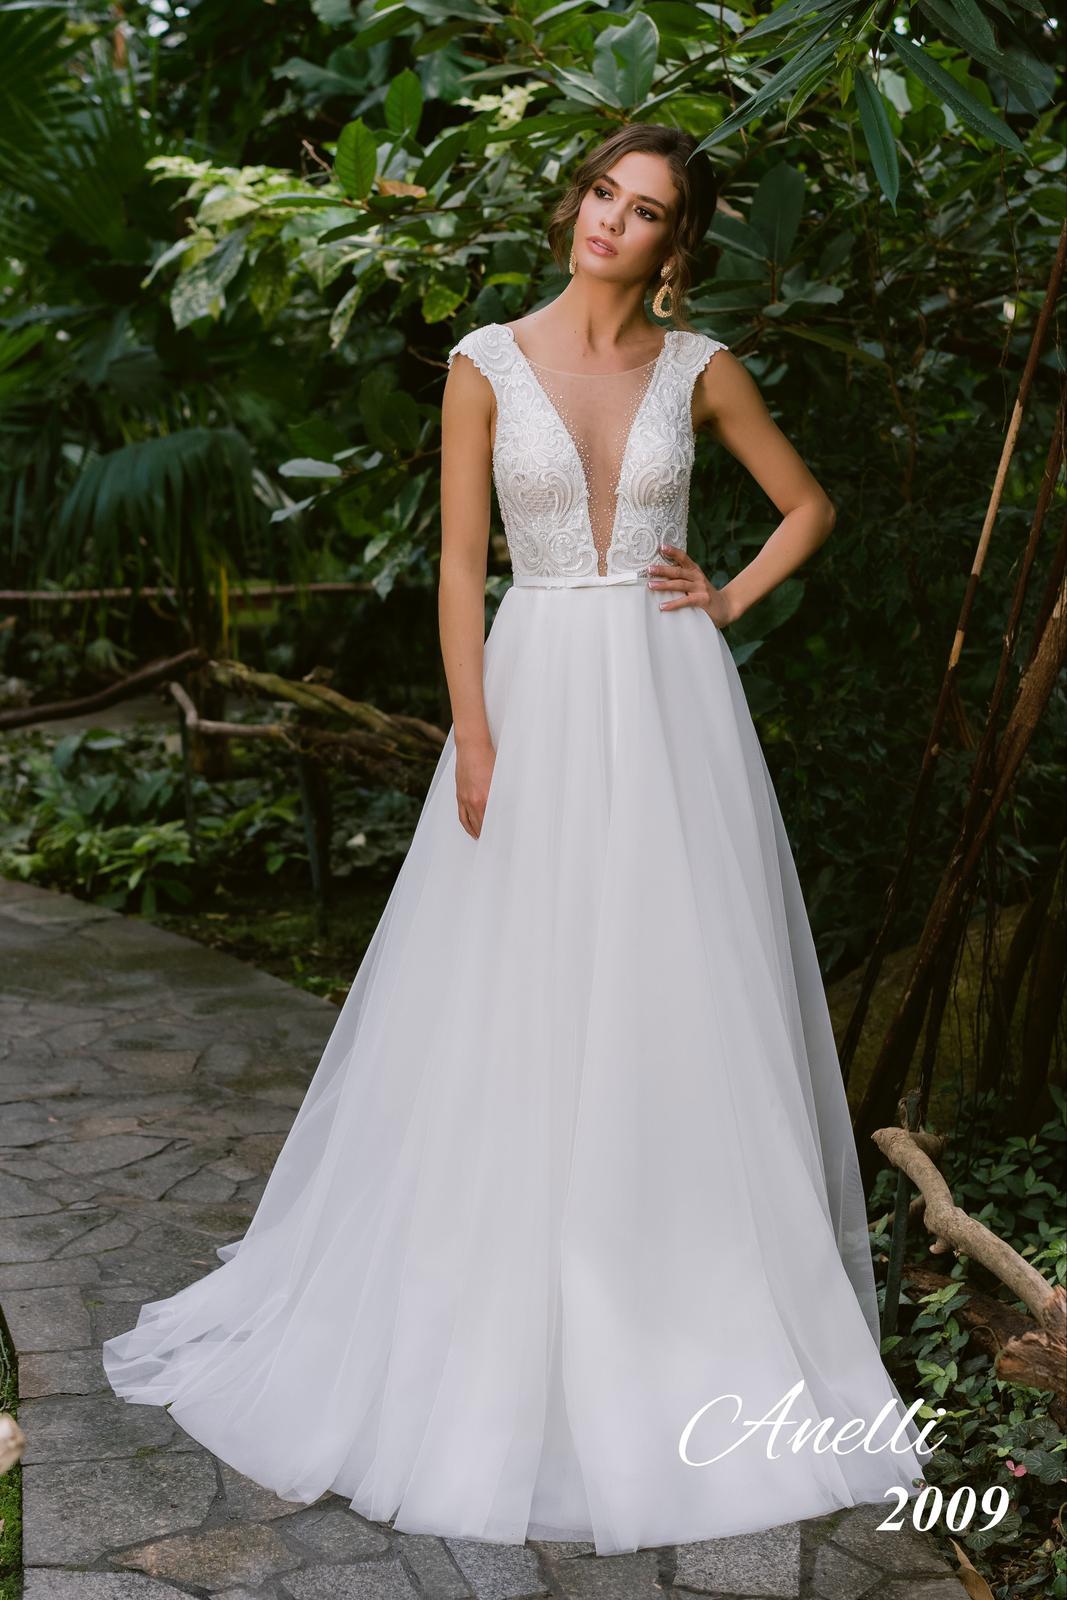 Svadobné šaty - Breeze 2009 - Obrázok č. 2